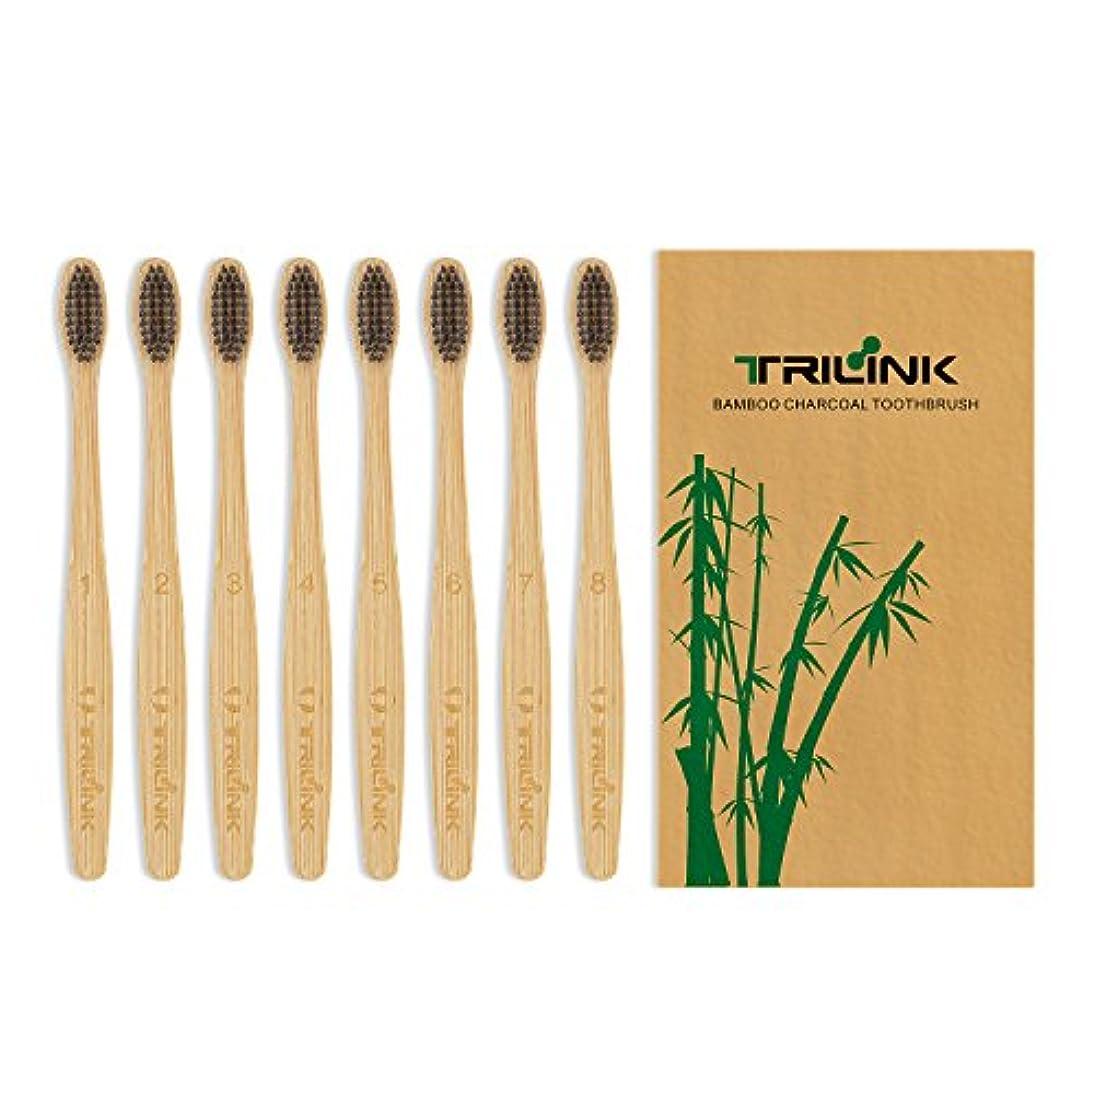 ジャーナリスト過剰社会主義大人用竹の歯ブラシ(8本) 環境保護 天然の柔らかい ハブラシ【 活性炭を注入】